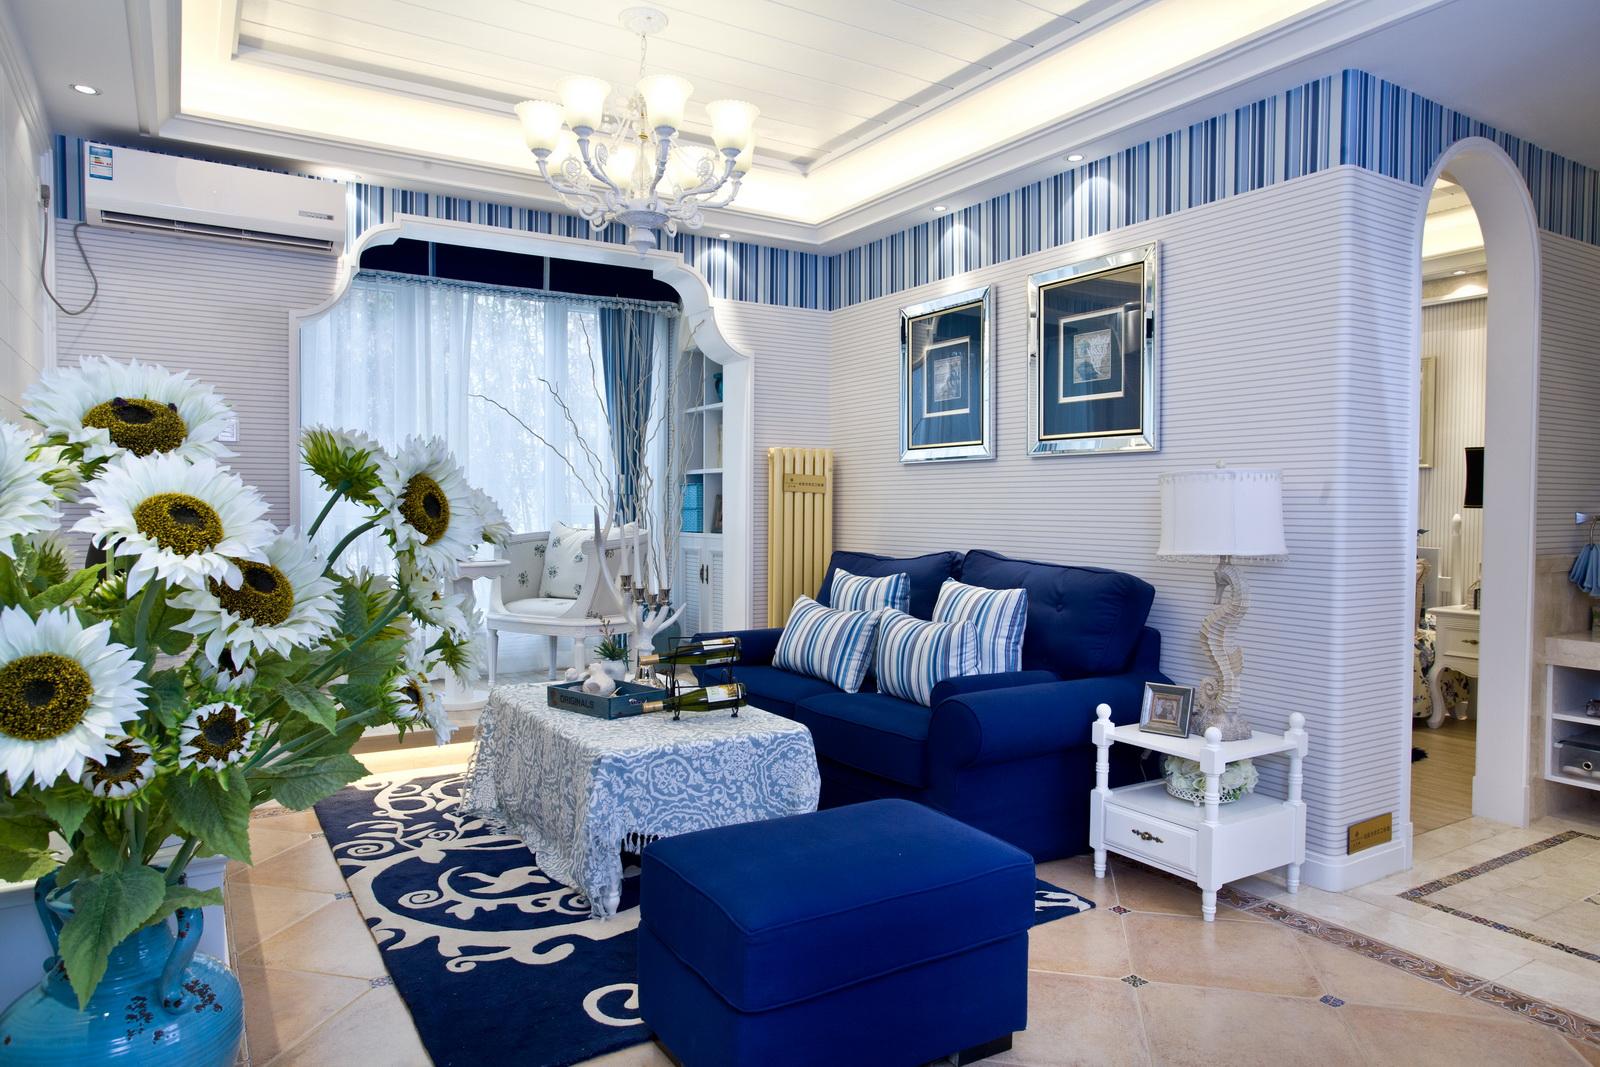 客厅布局比较紧凑,白色怀旧的文化石电视背景墙装饰,蓝色的地毯和绿色的植物摆放营造温馨的氛围